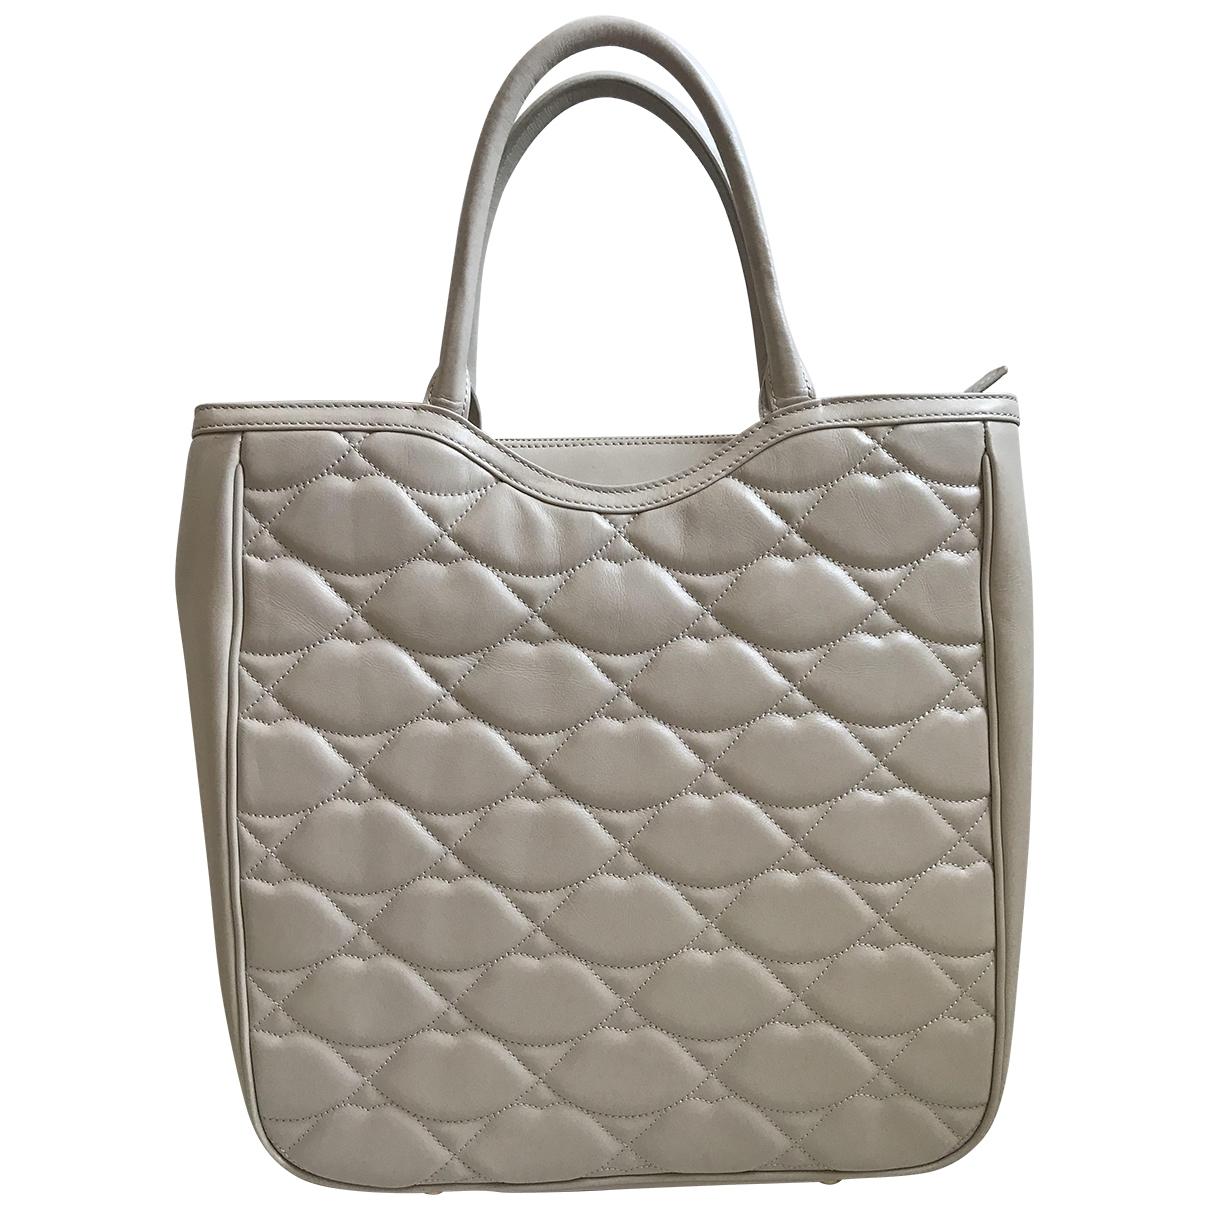 Lulu Guinness \N Handtasche in  Grau Leder